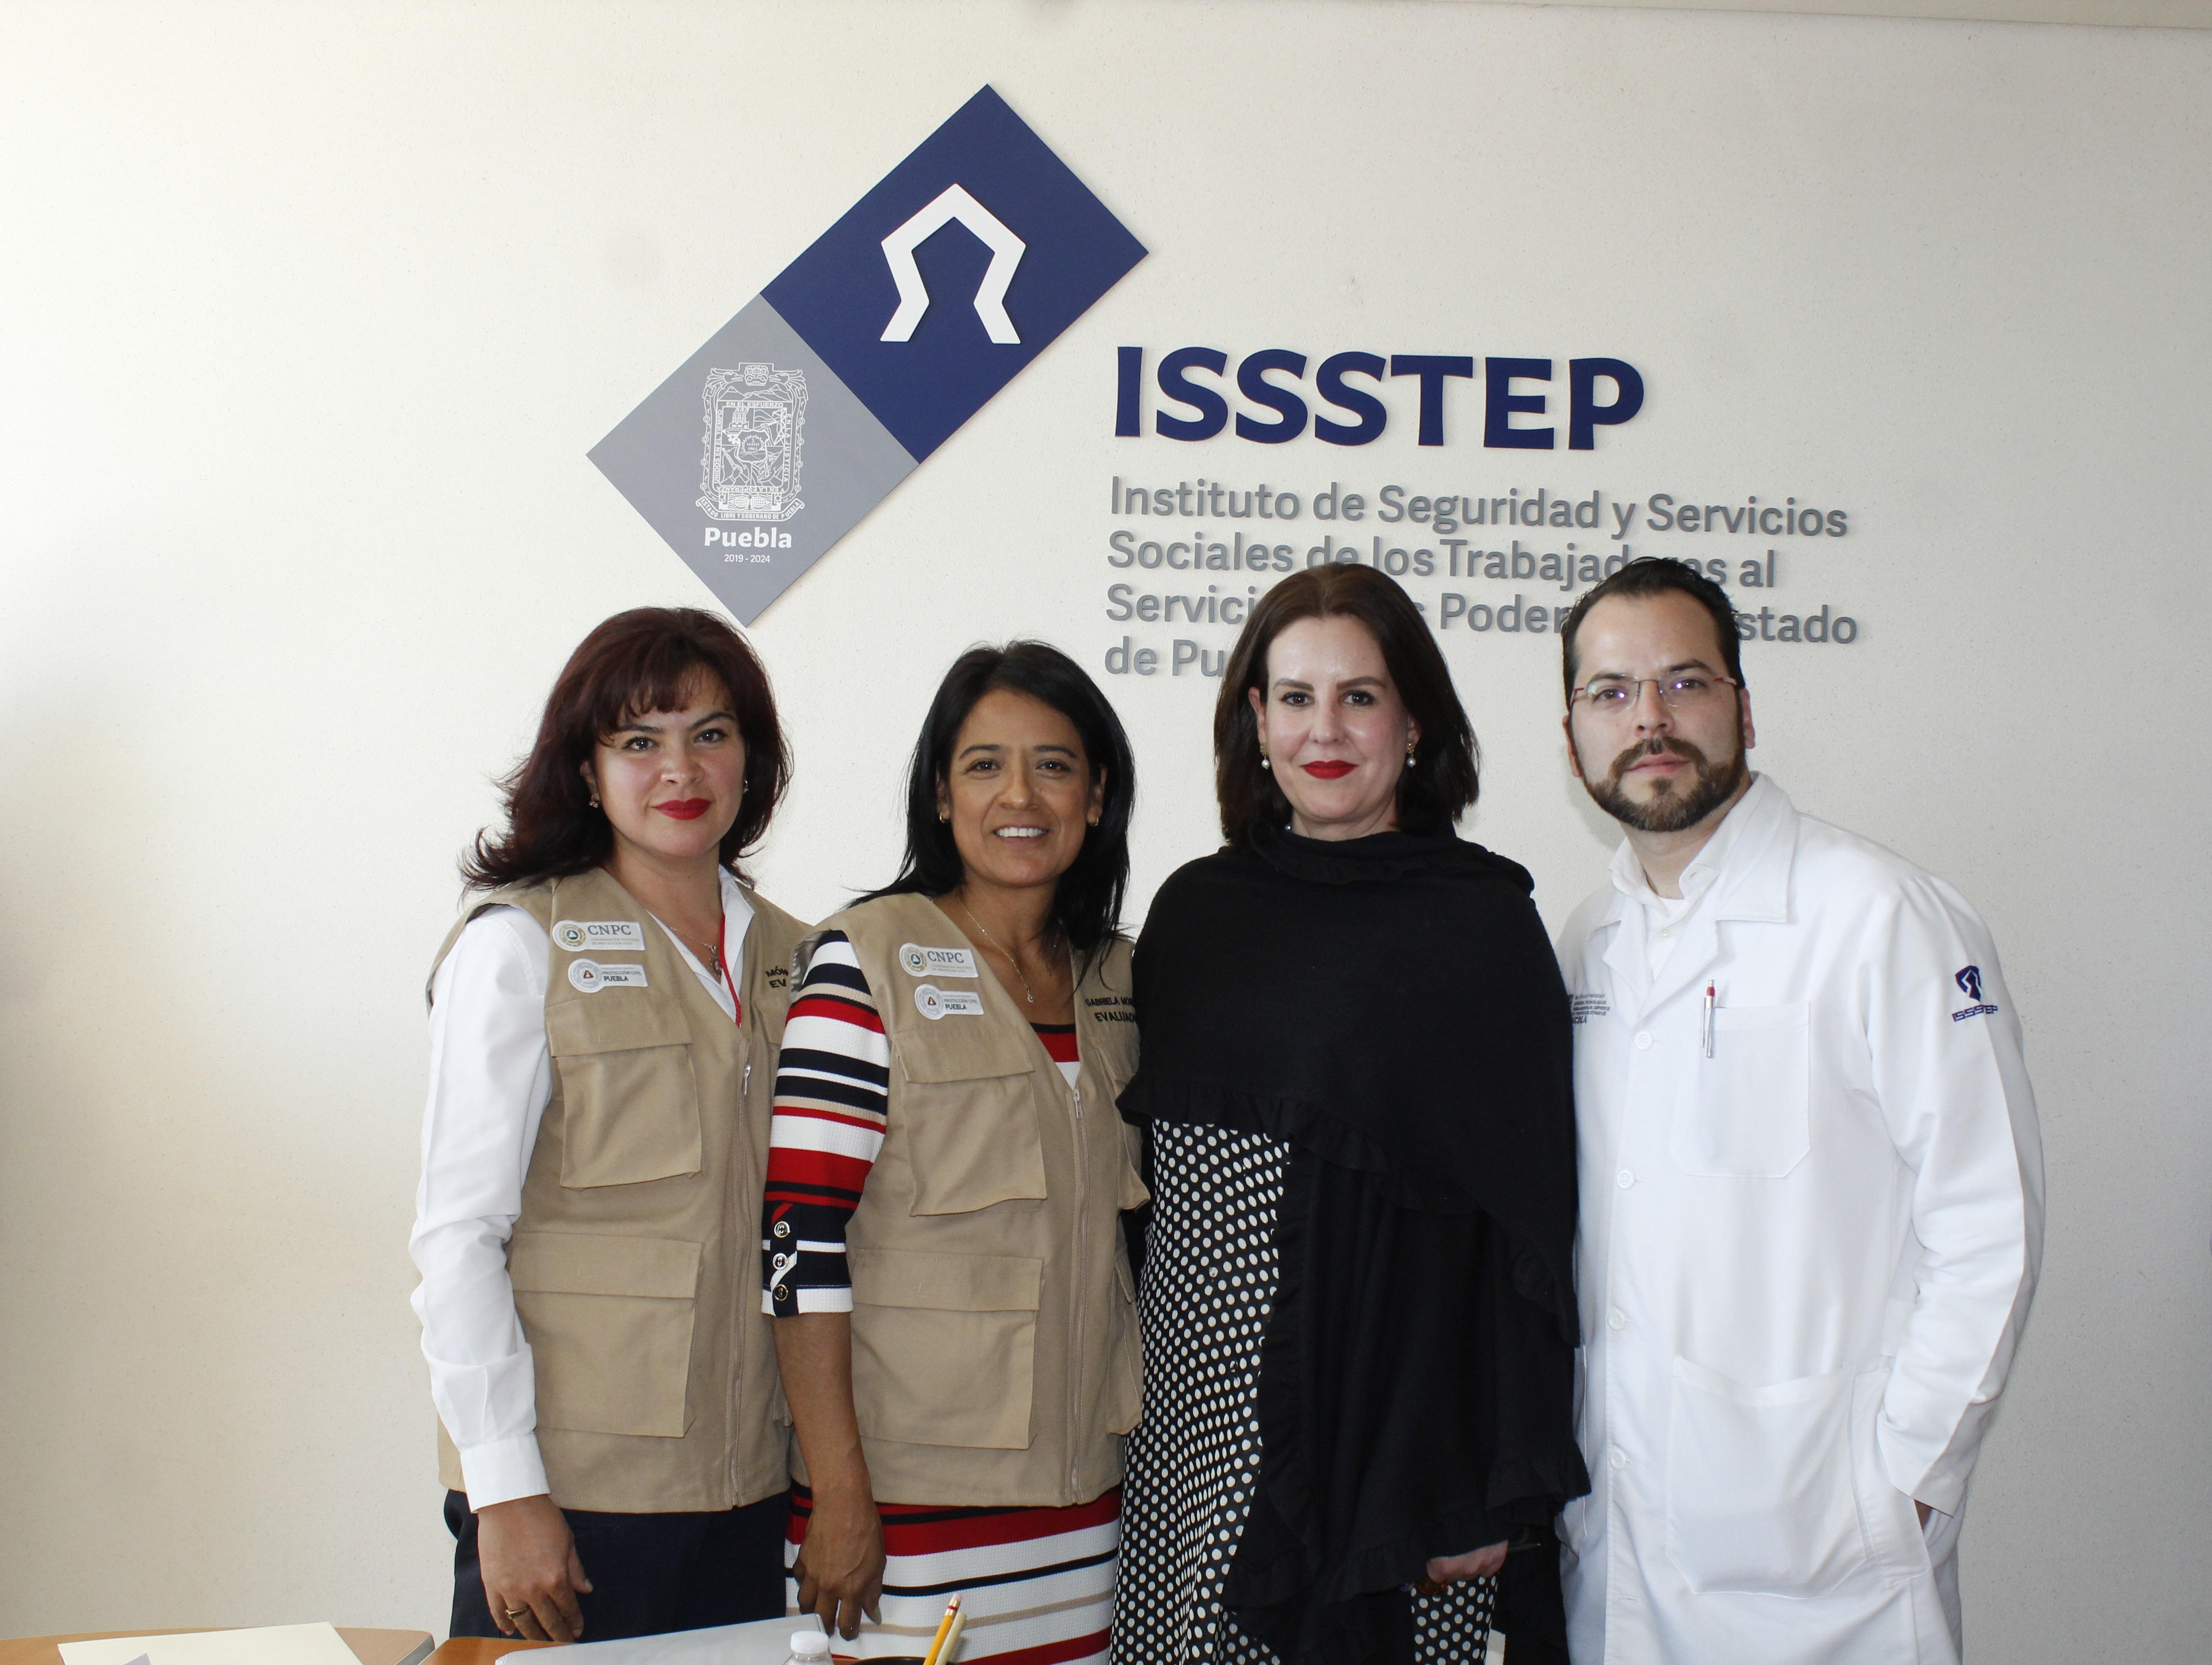 ISSSTEP, sede de reunión de Coordinación Nacional de Protección Civil